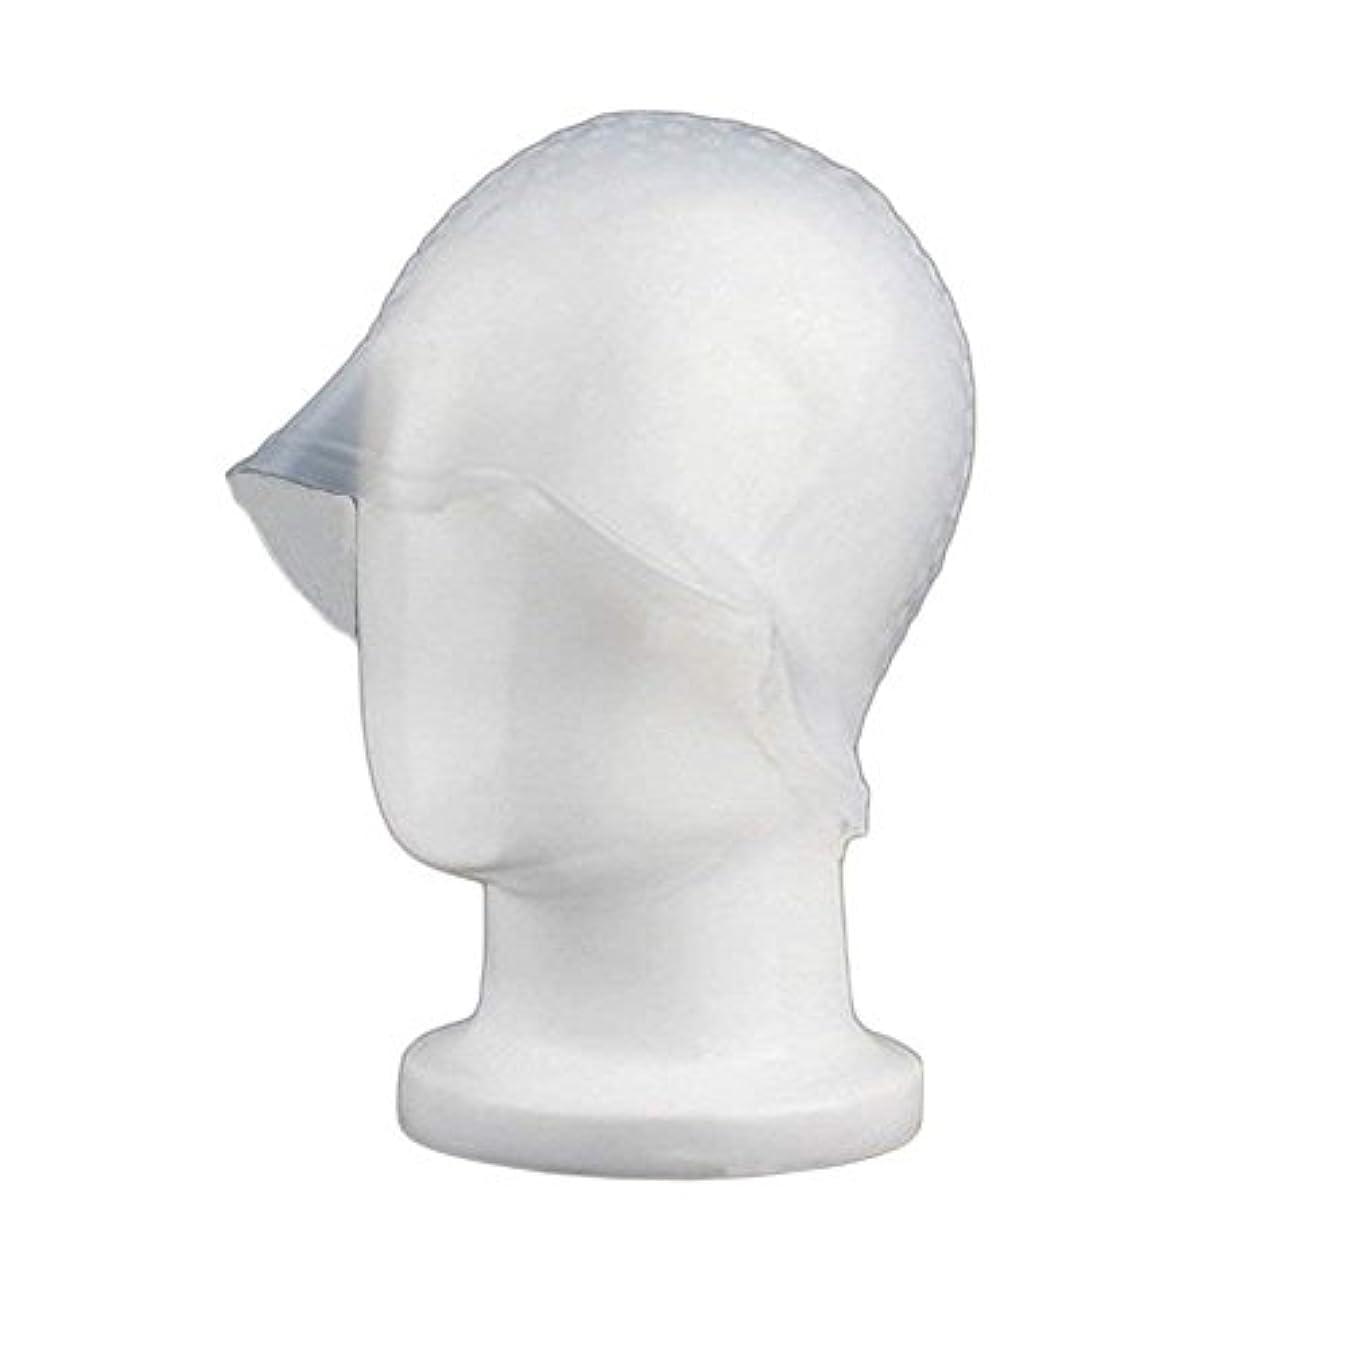 依存するマークテクトニックSincerestore 洗って使える ヘアカラー 染め用 メッシュ 用 シリコン ヘア キャップキャップ (ホワイト)